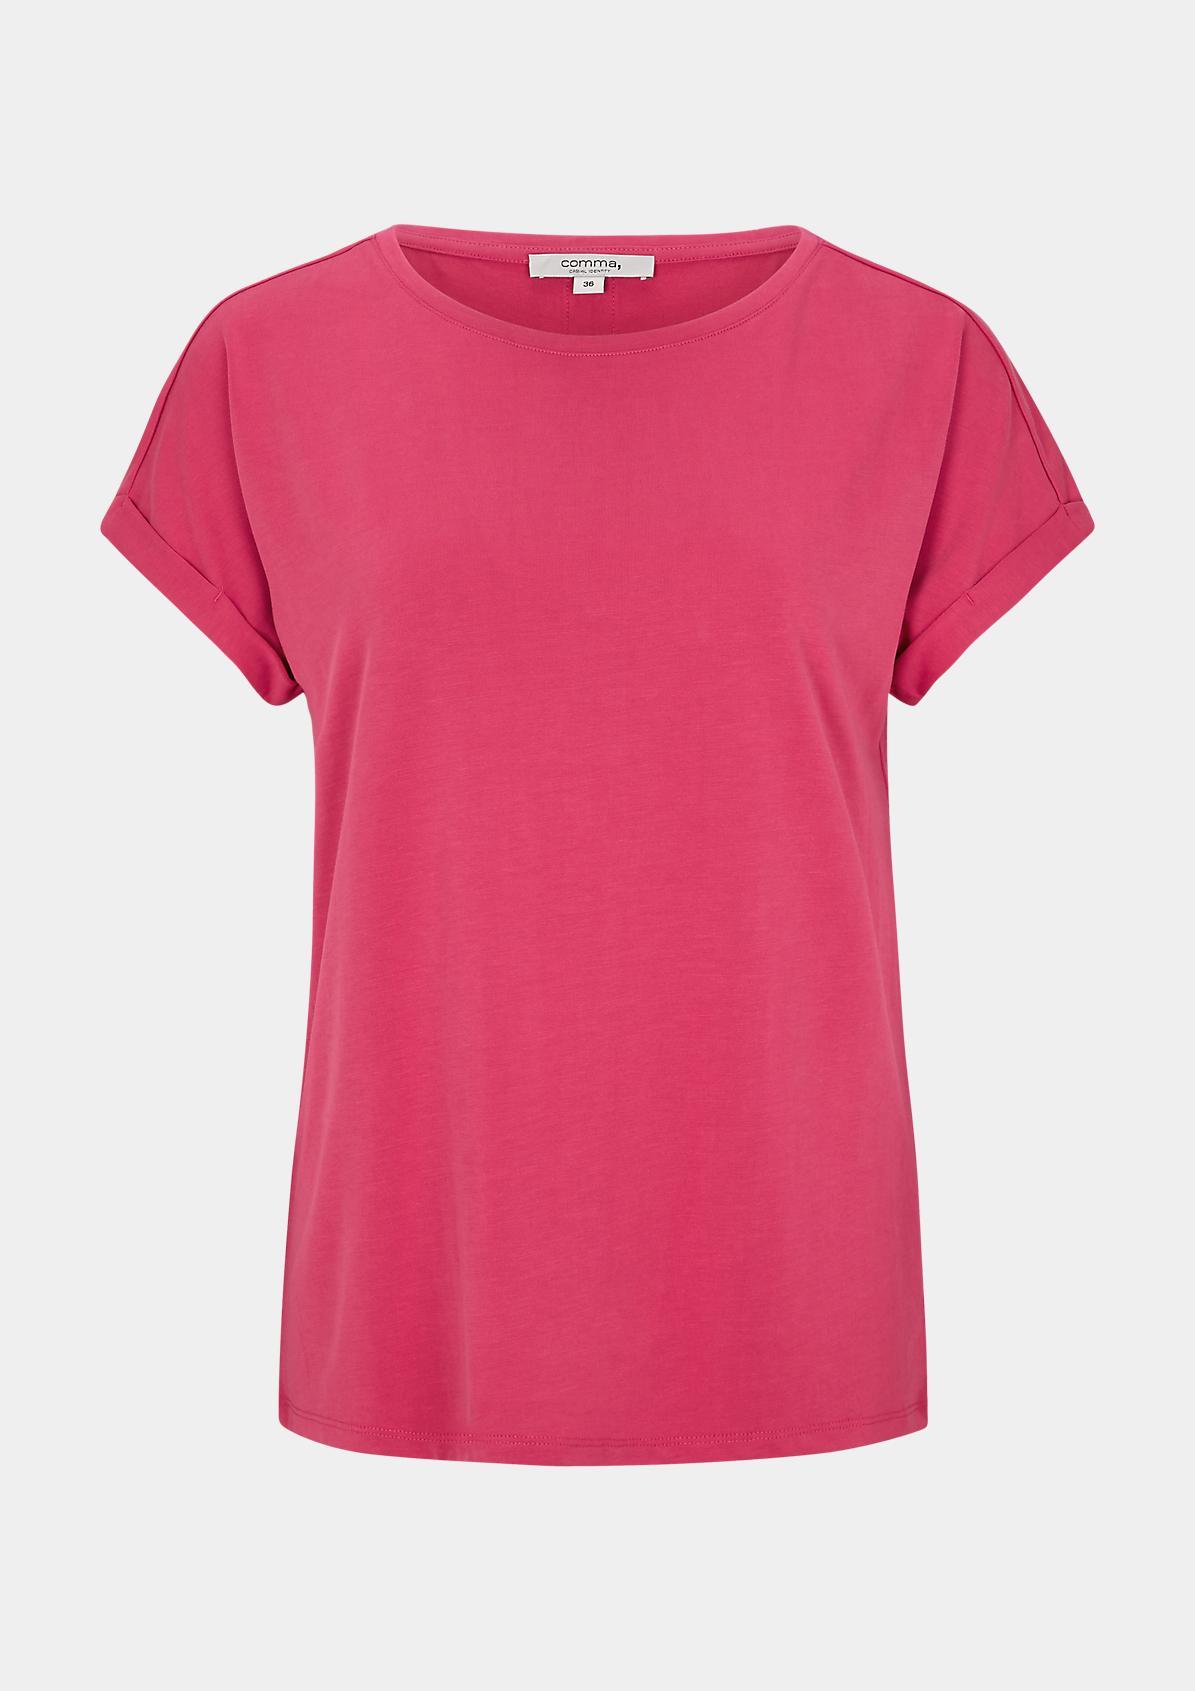 Shirt mit Deko-Knopfleiste am Rücken